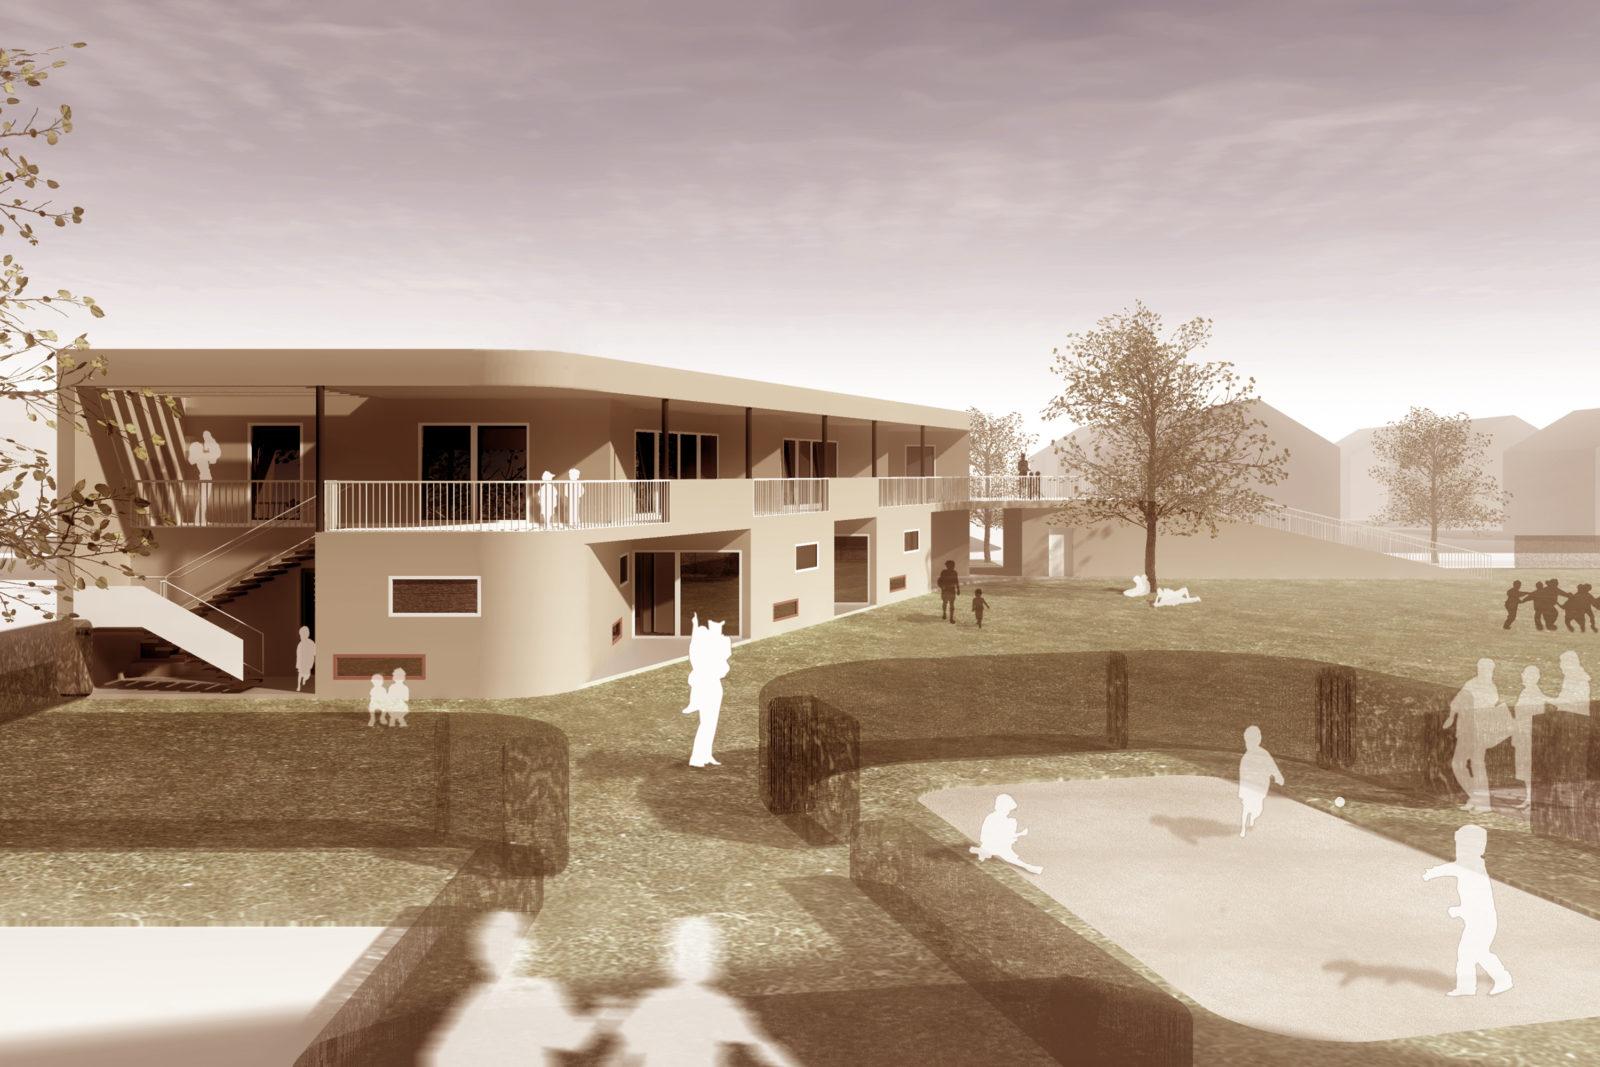 Wettbewerb Kita und Betreutes Wohnen in Probstheida - Blick in den Hinterhof der Kita